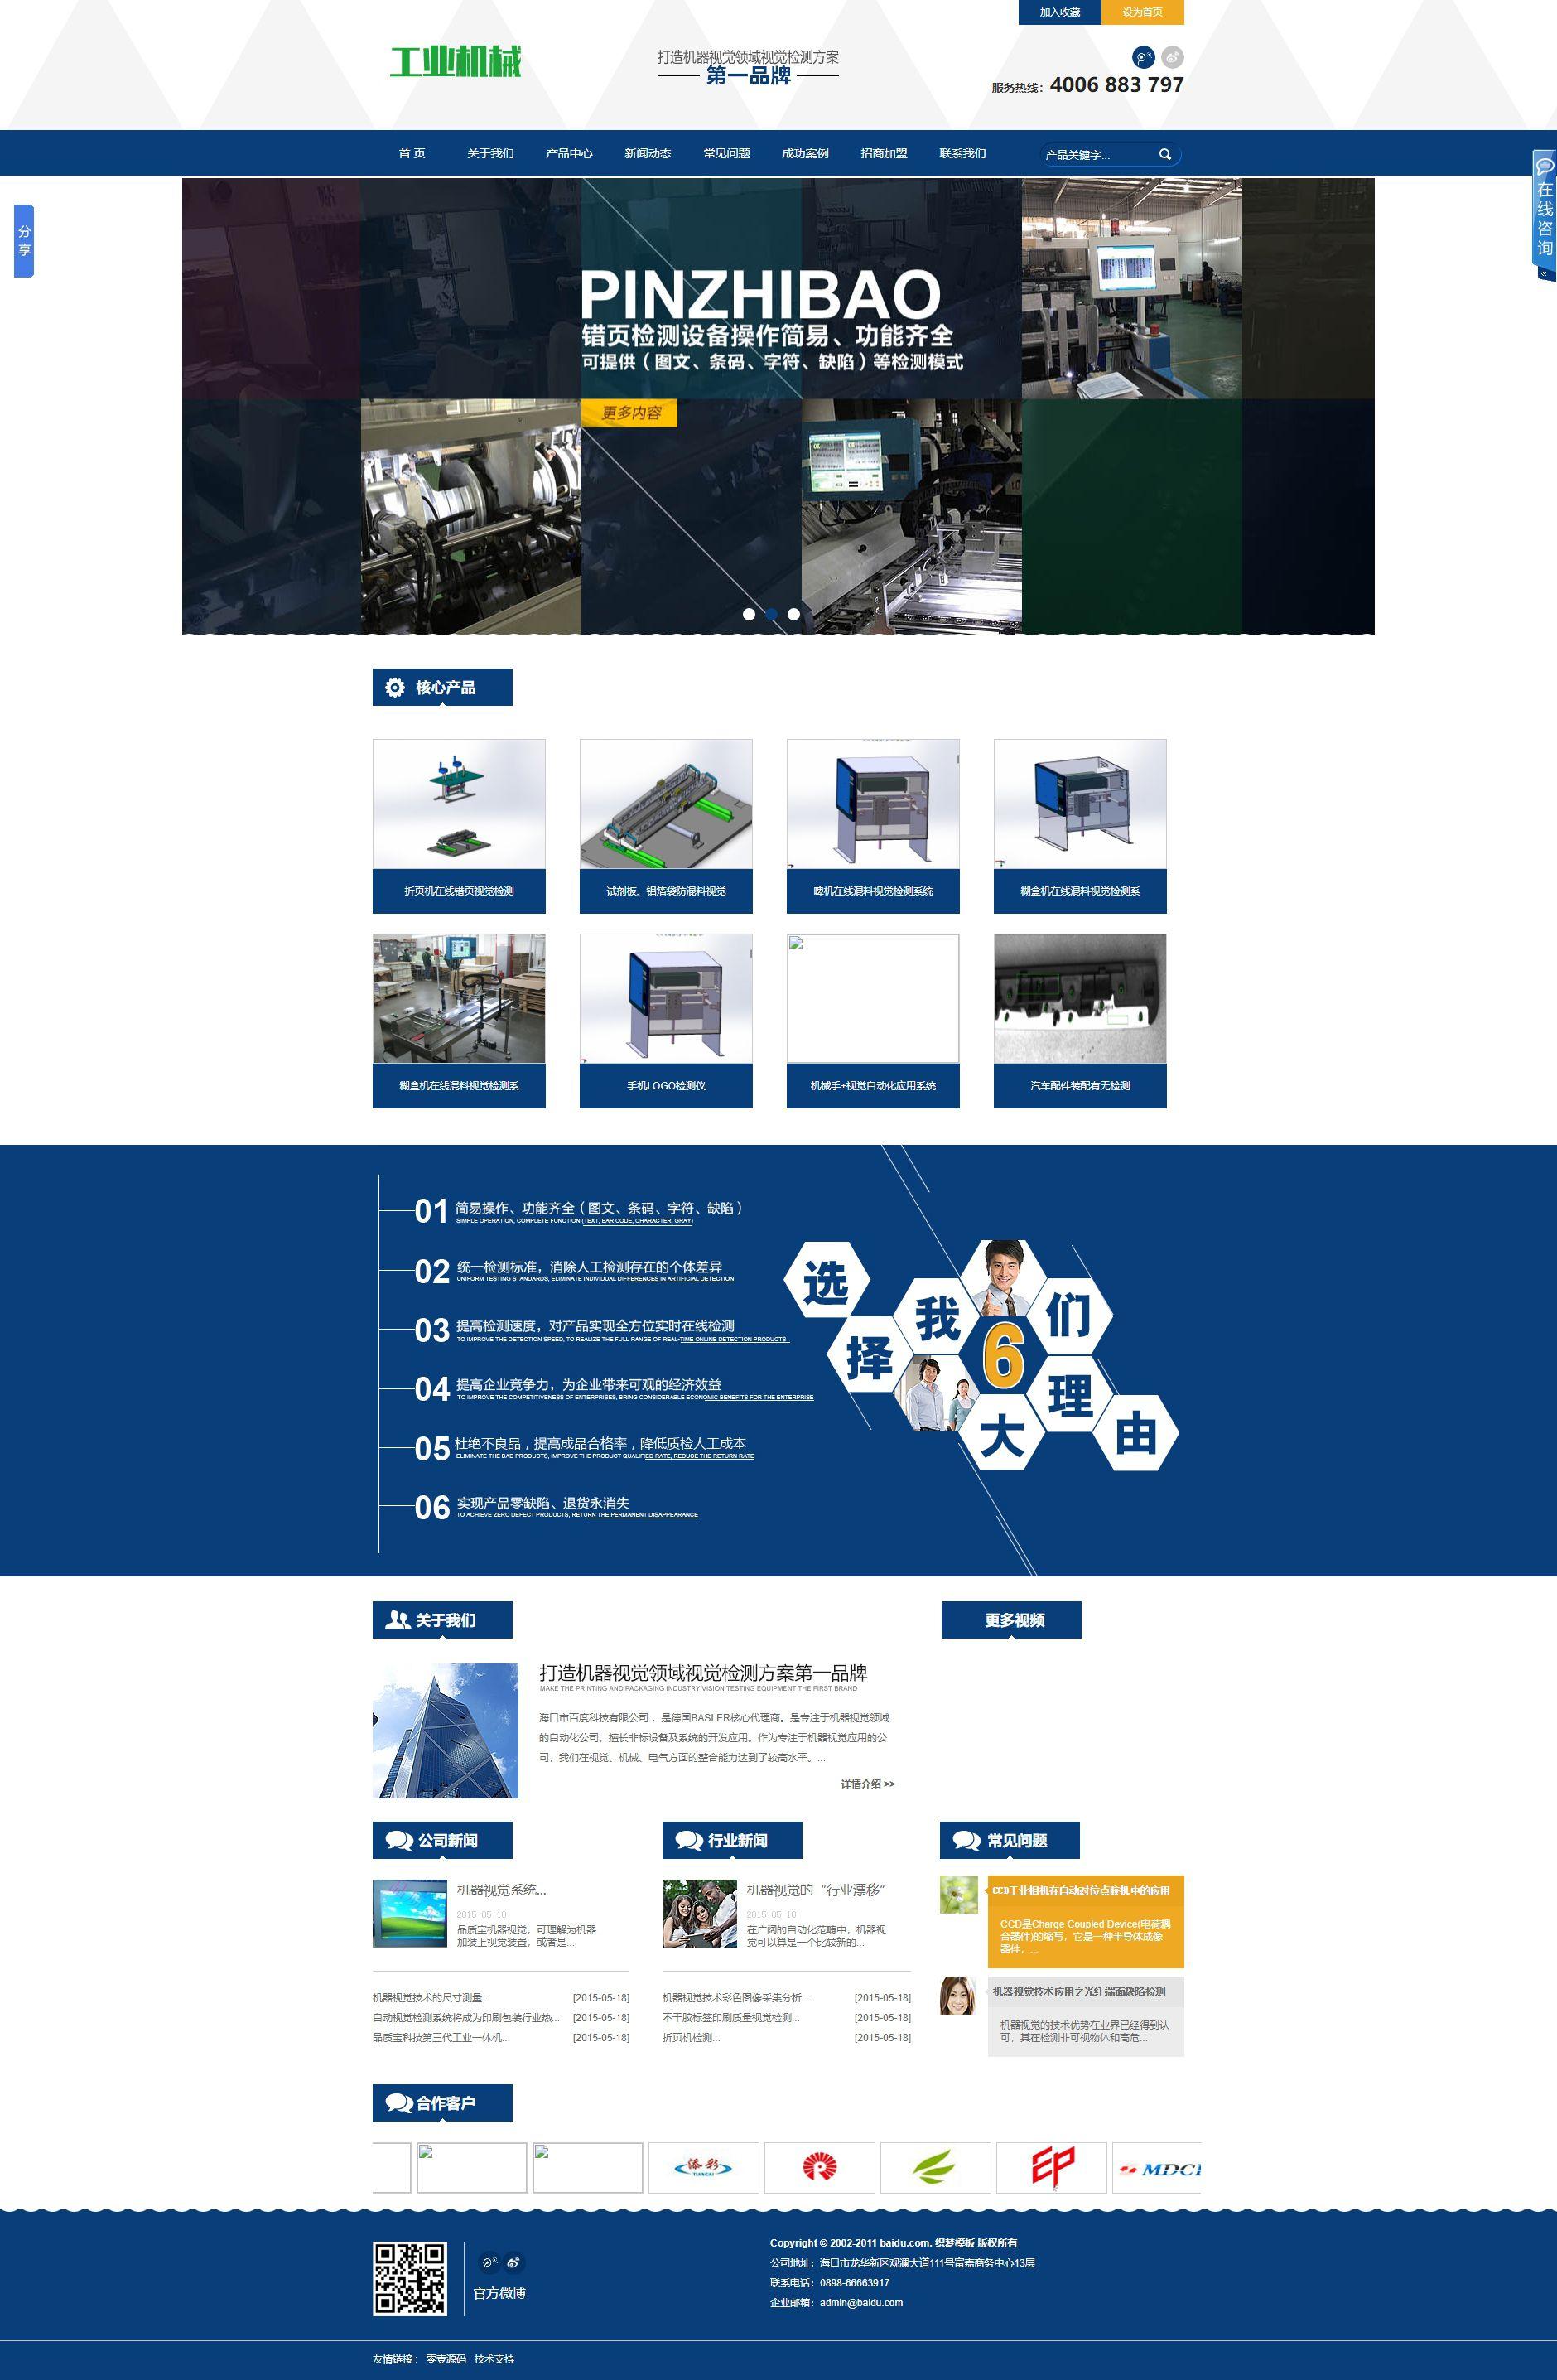 通用营销工业机械展示型企业织梦dedecms模板